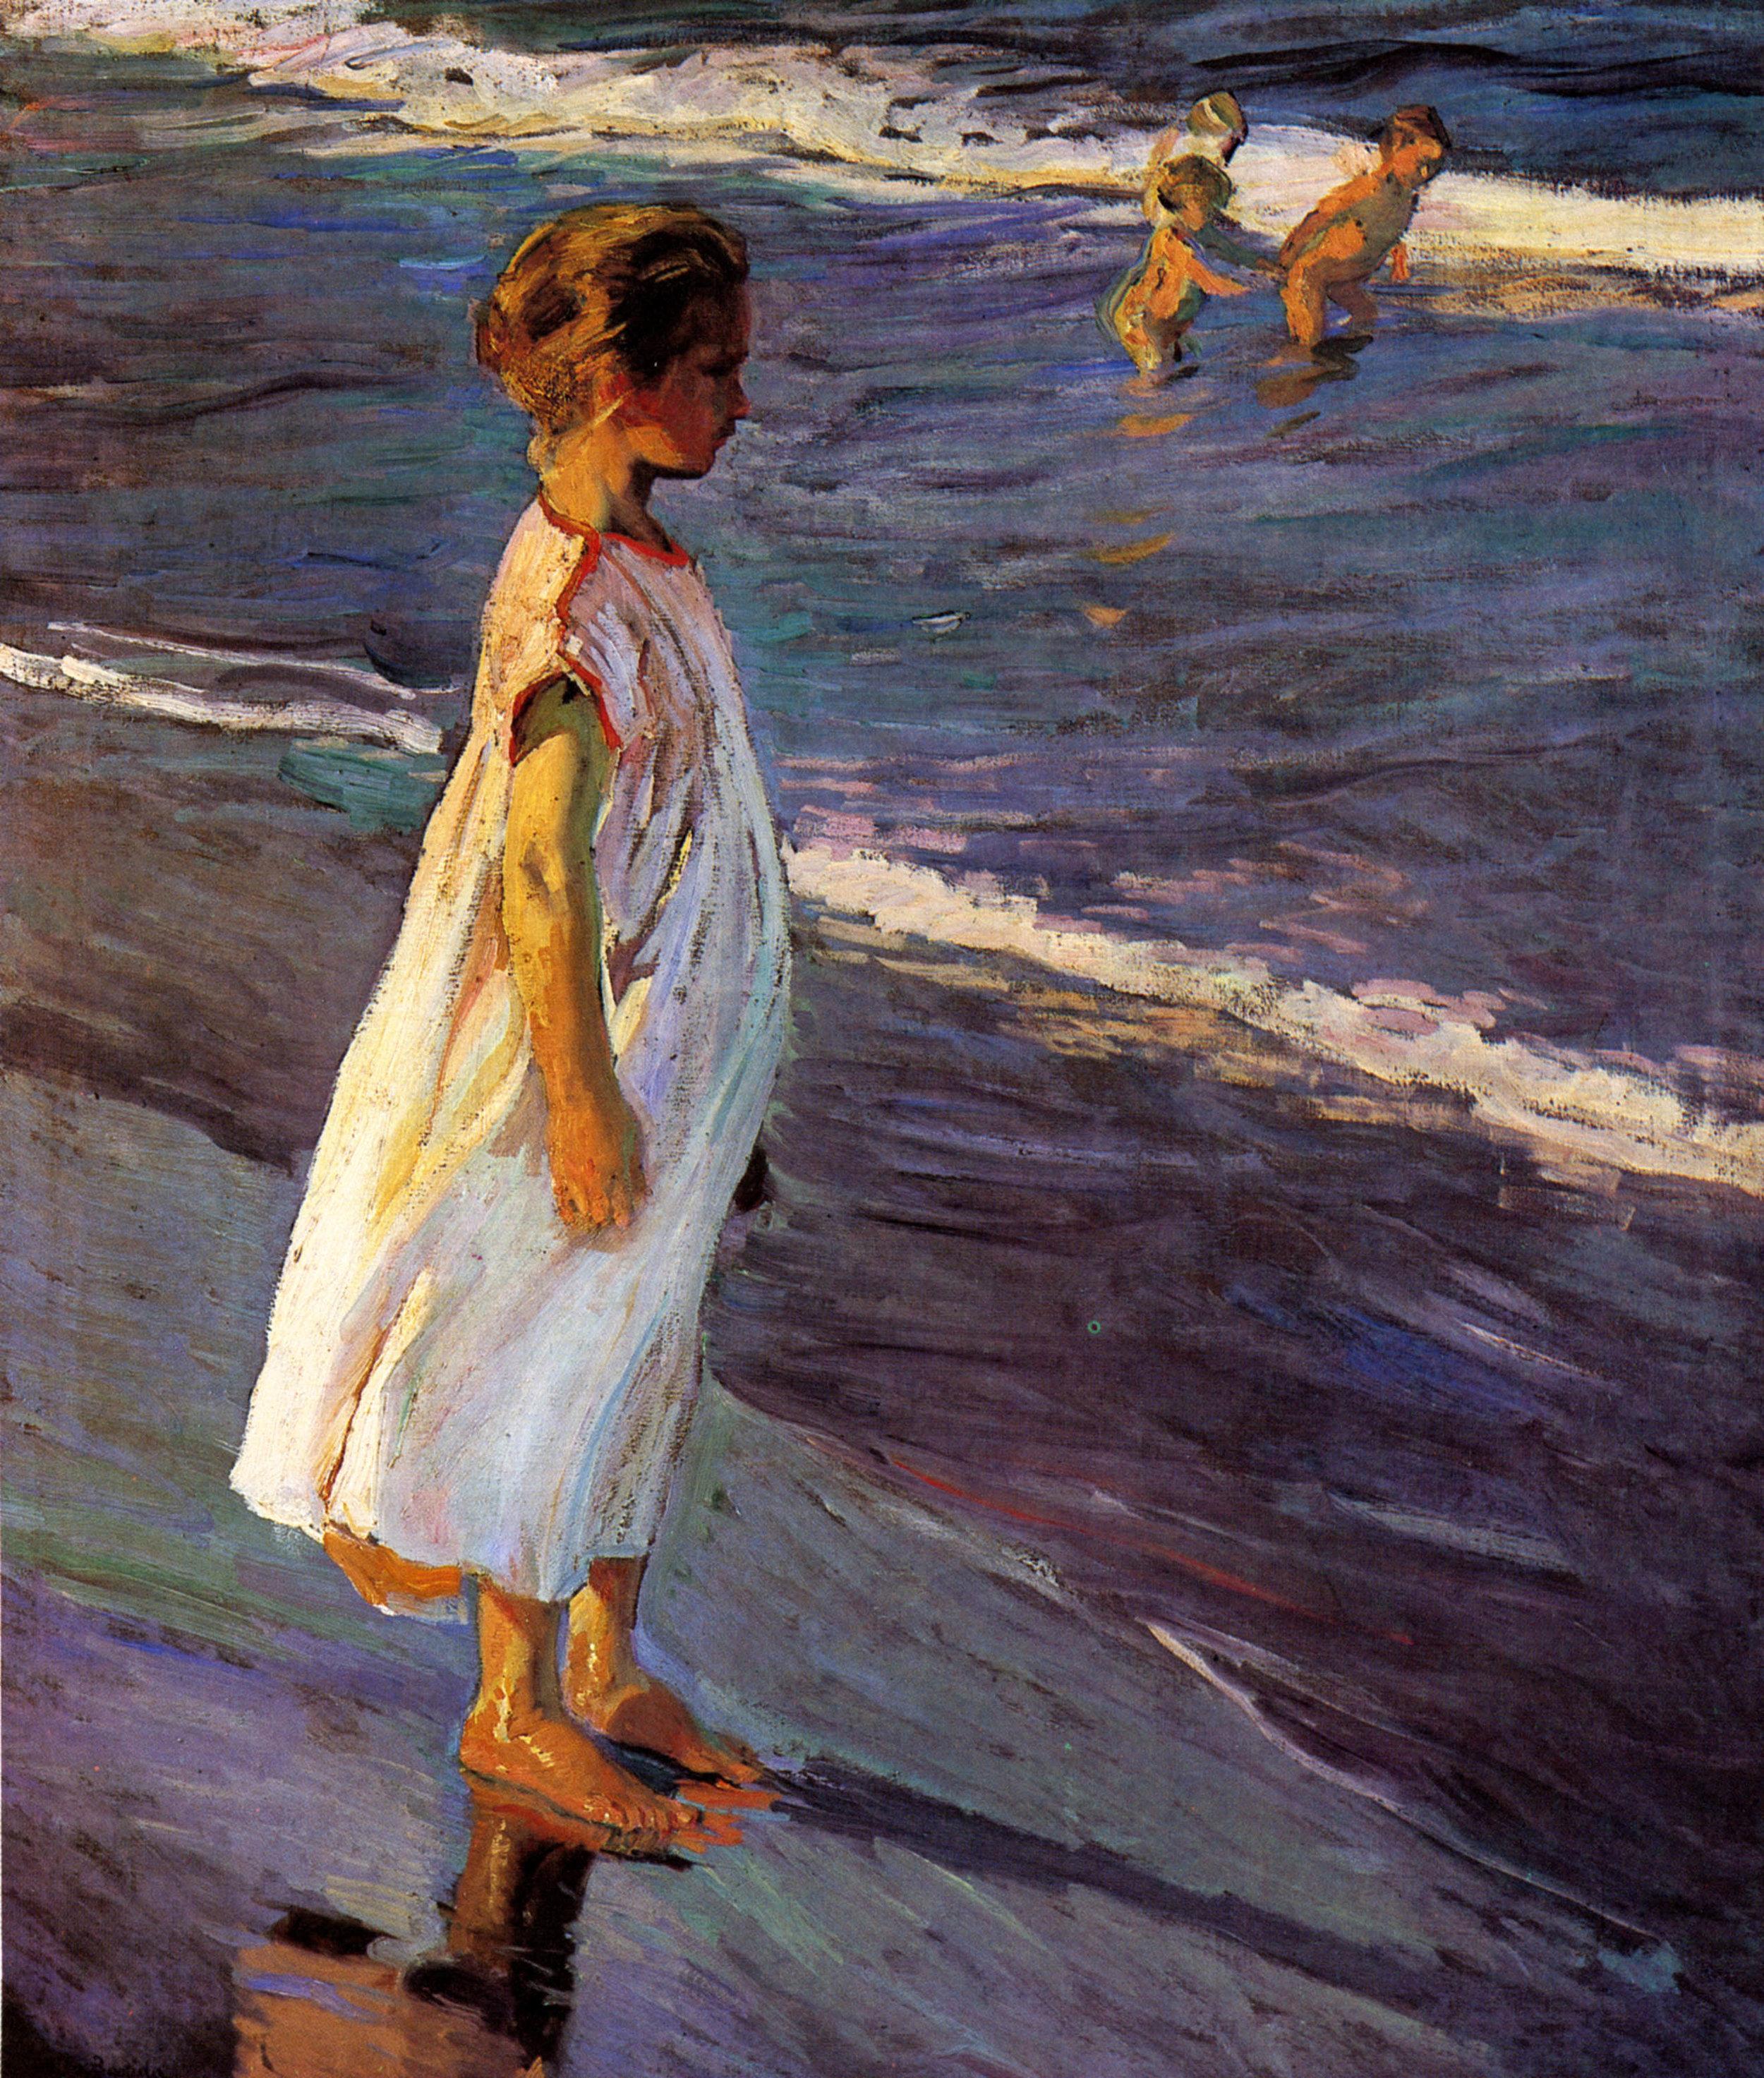 Niña, estudio para Verano, 1904. Museo Nacional de Bellas Artes de La Habana.